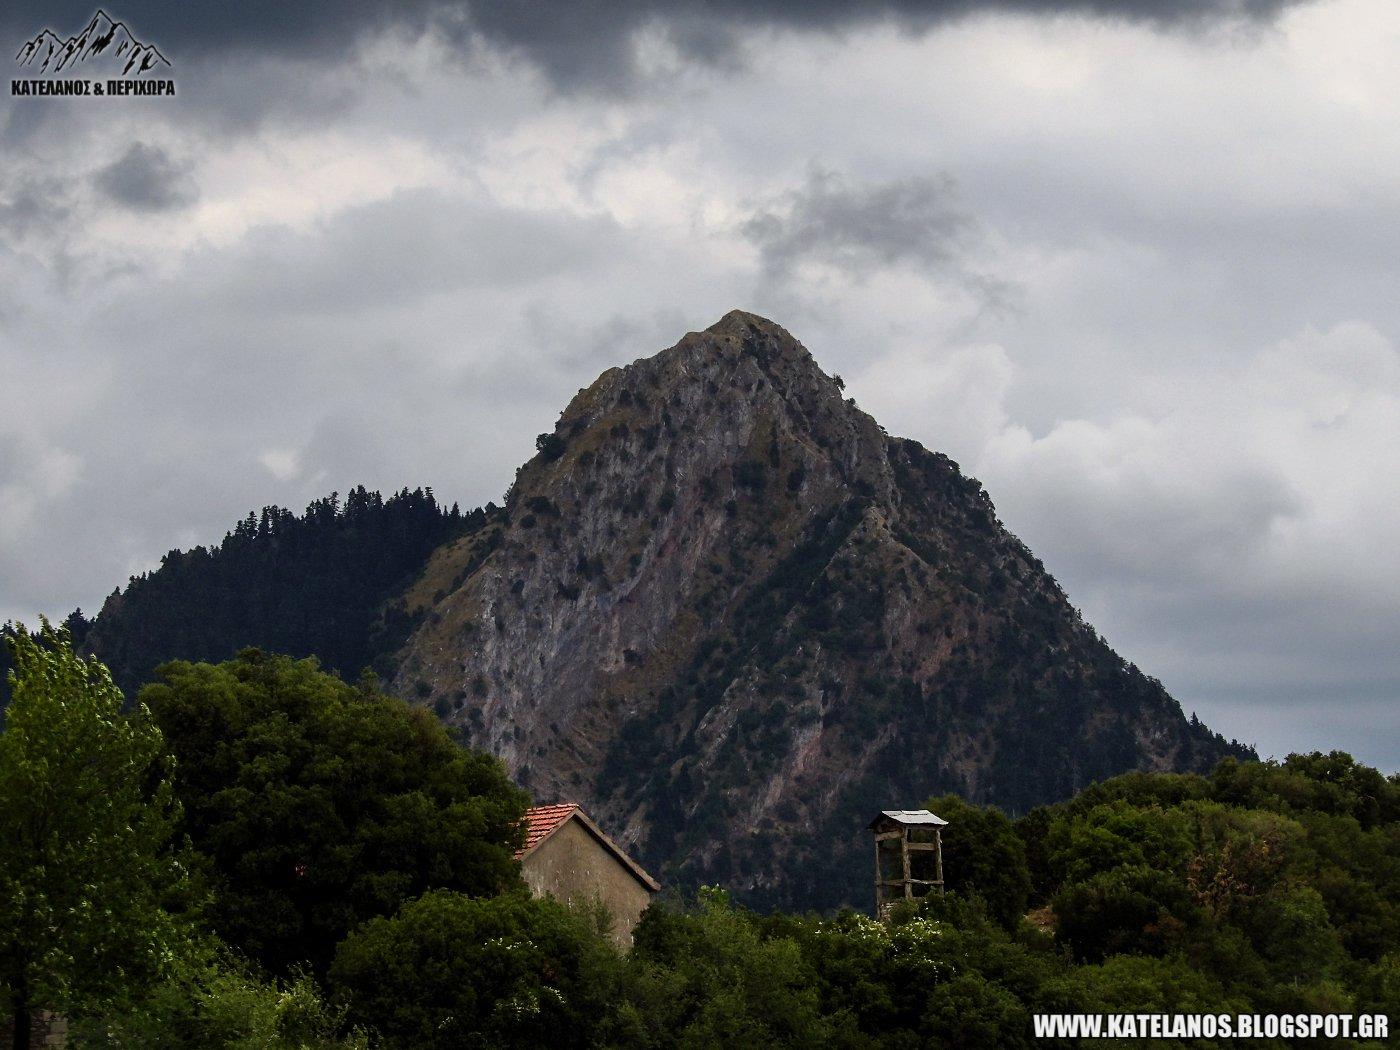 δημοτικο σχολειο δερματι ευρυτανιας κεραμιδι βουνοκορφη καλιακουδας